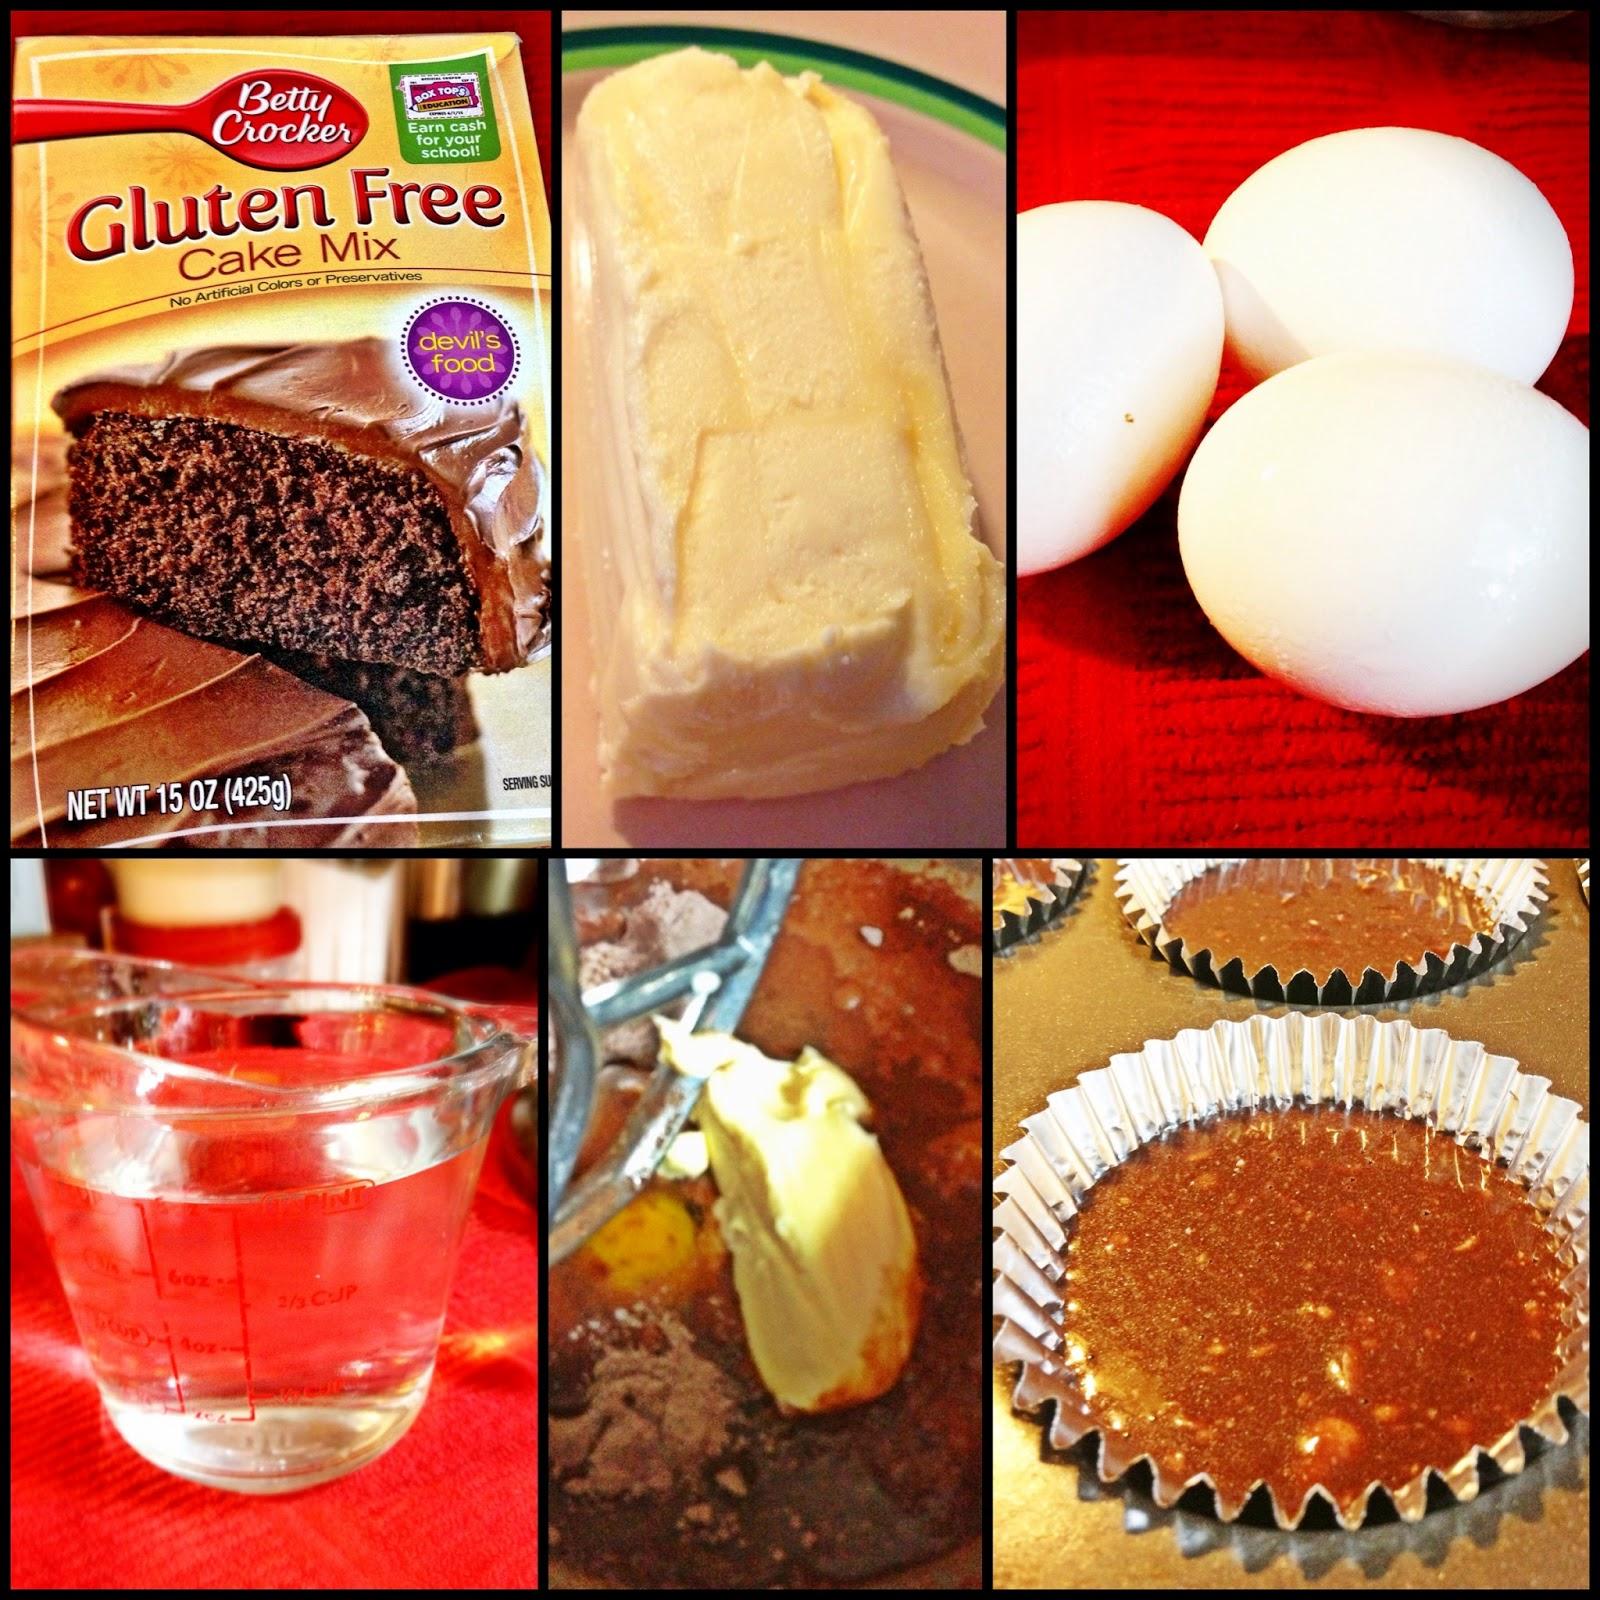 .: Betty Crocker Gluten Free Cake Mix - Devils Food